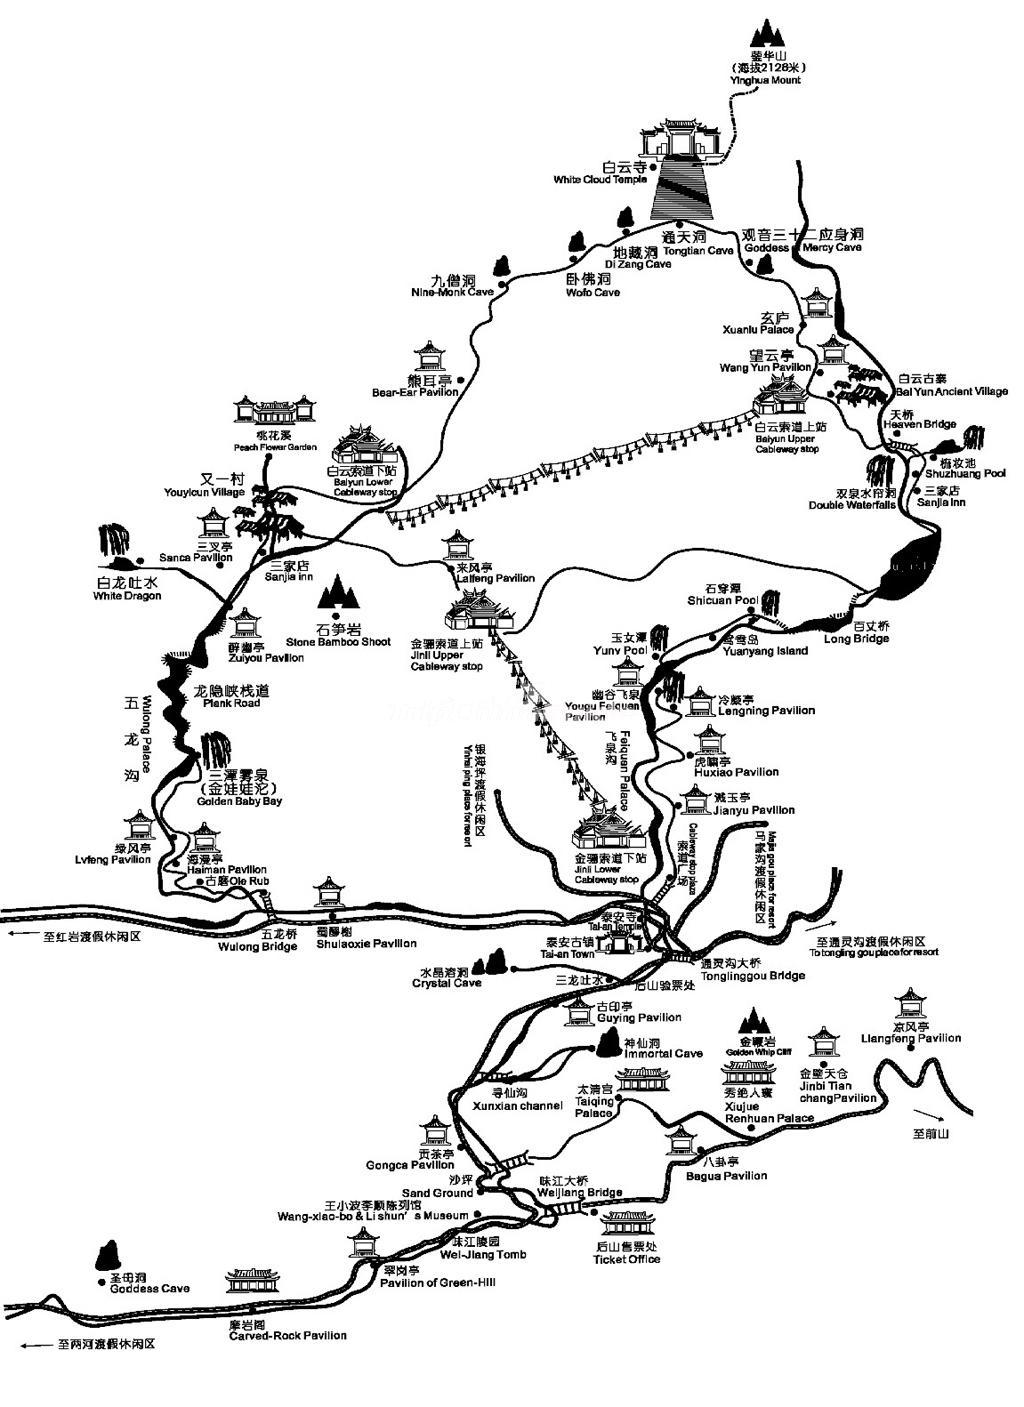 qingcheng mountain tourist map back mountain maps of chengdu Lhasa Tibet Map qingcheng mountain tourist map back mountain